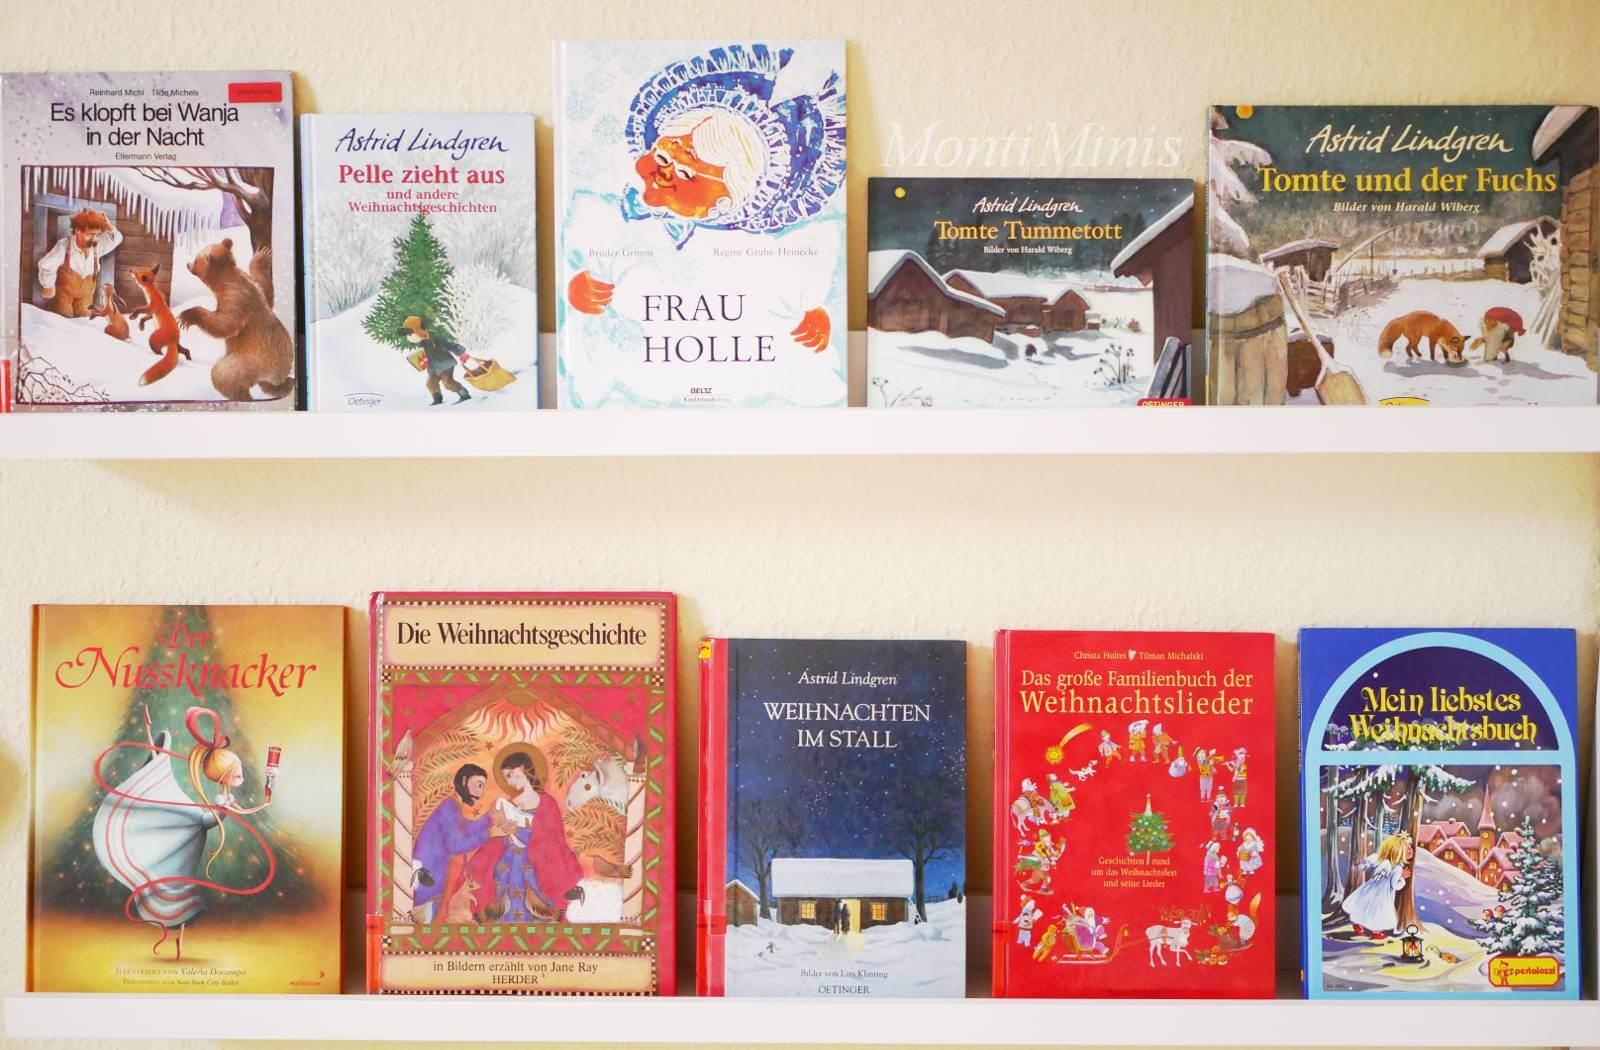 Unsere Lieblings-Weihnachtsbücher, Kinderbücher, Kinderbuchtipps, Weihnachtszeit mit Kindern, Lesen mit Kindern, Montessori Bücherregal, Montessori Kinderzimmer | MontiMinis.com